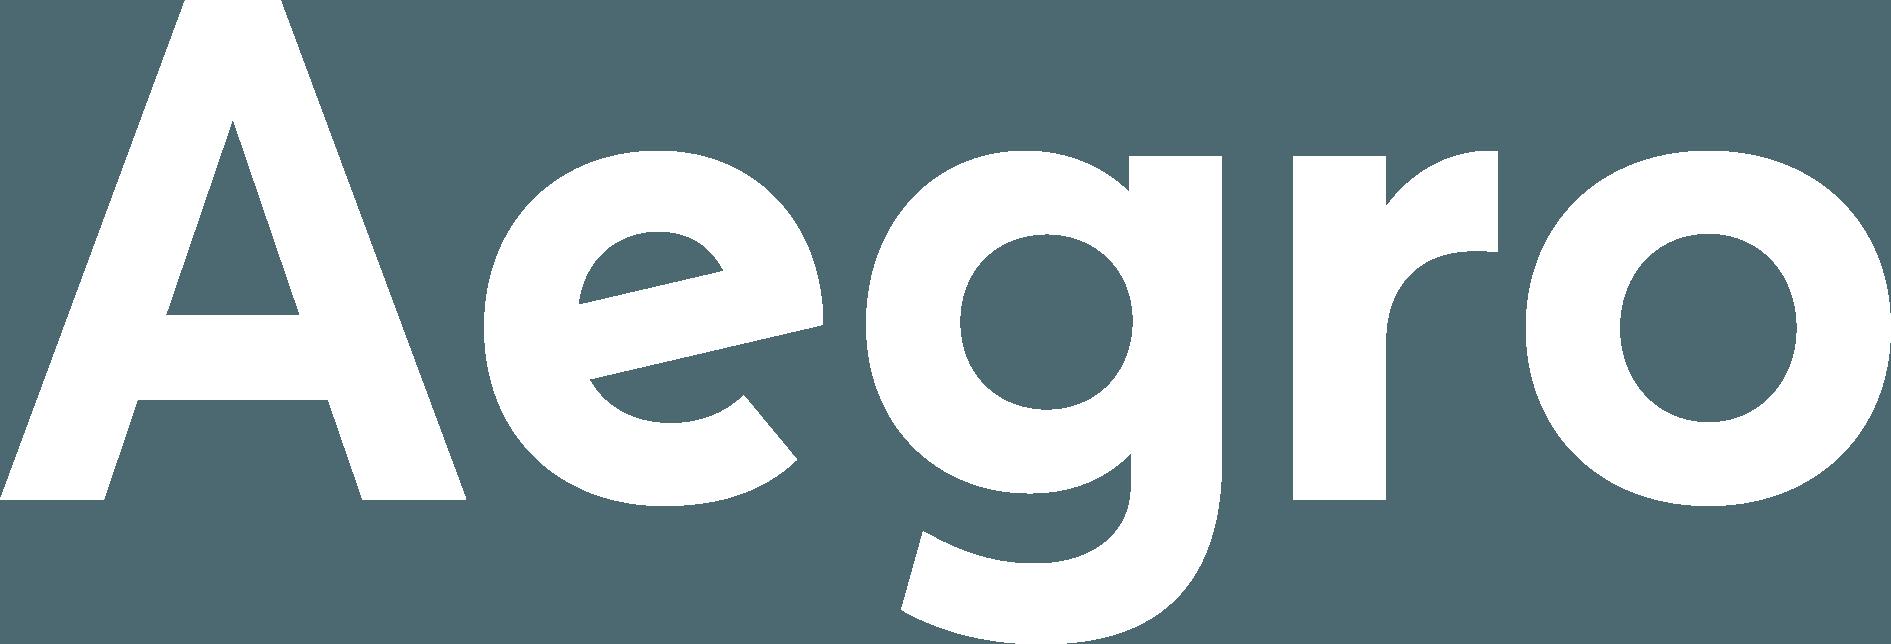 Logo Aegro